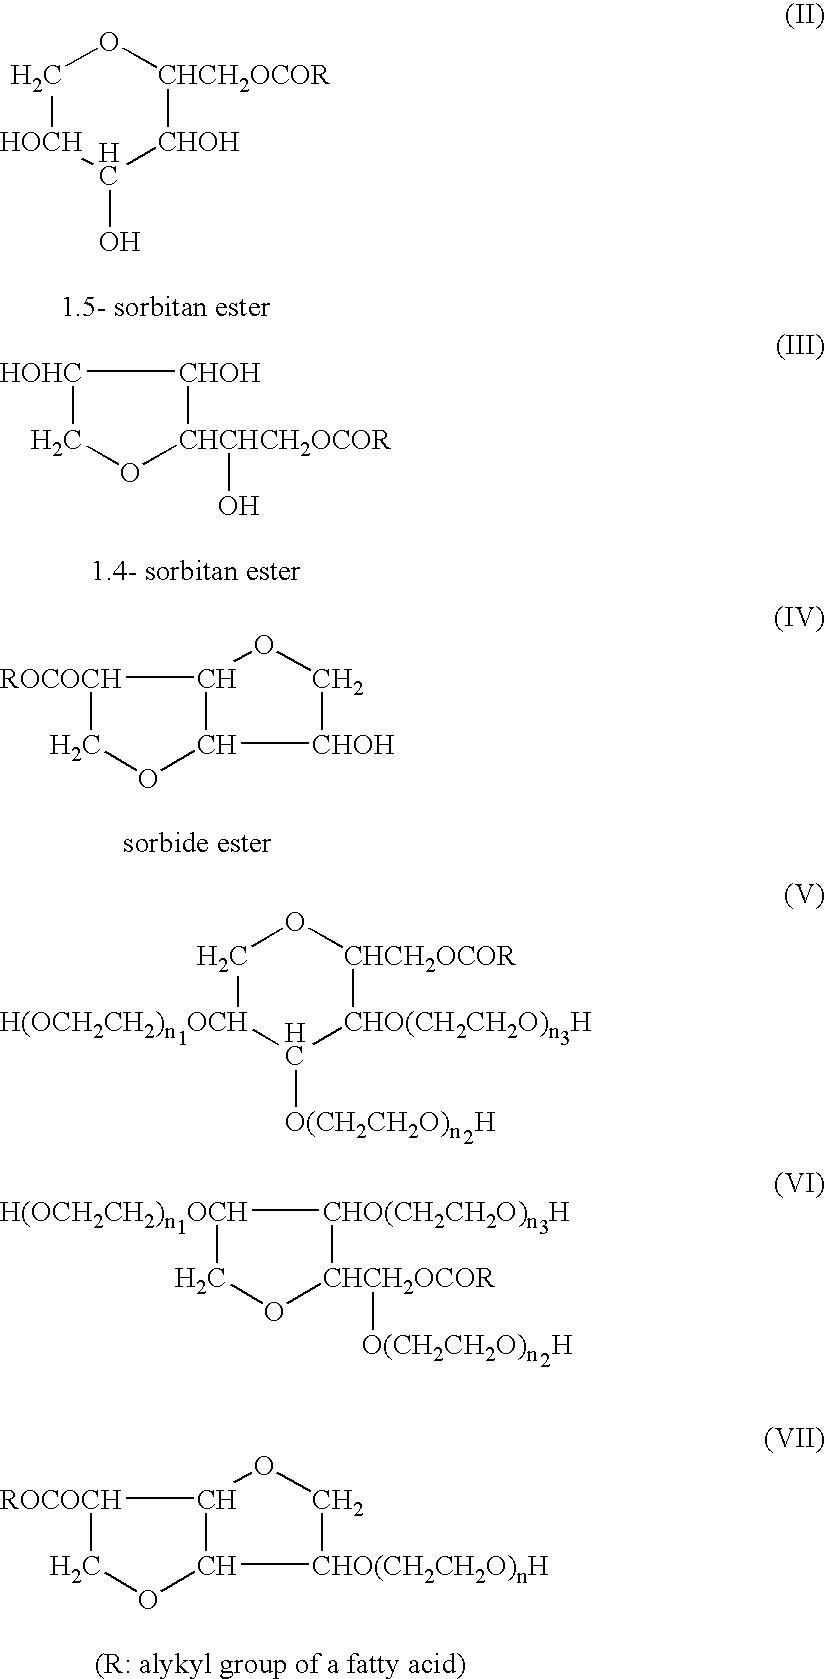 Figure US20070034114A1-20070215-C00024